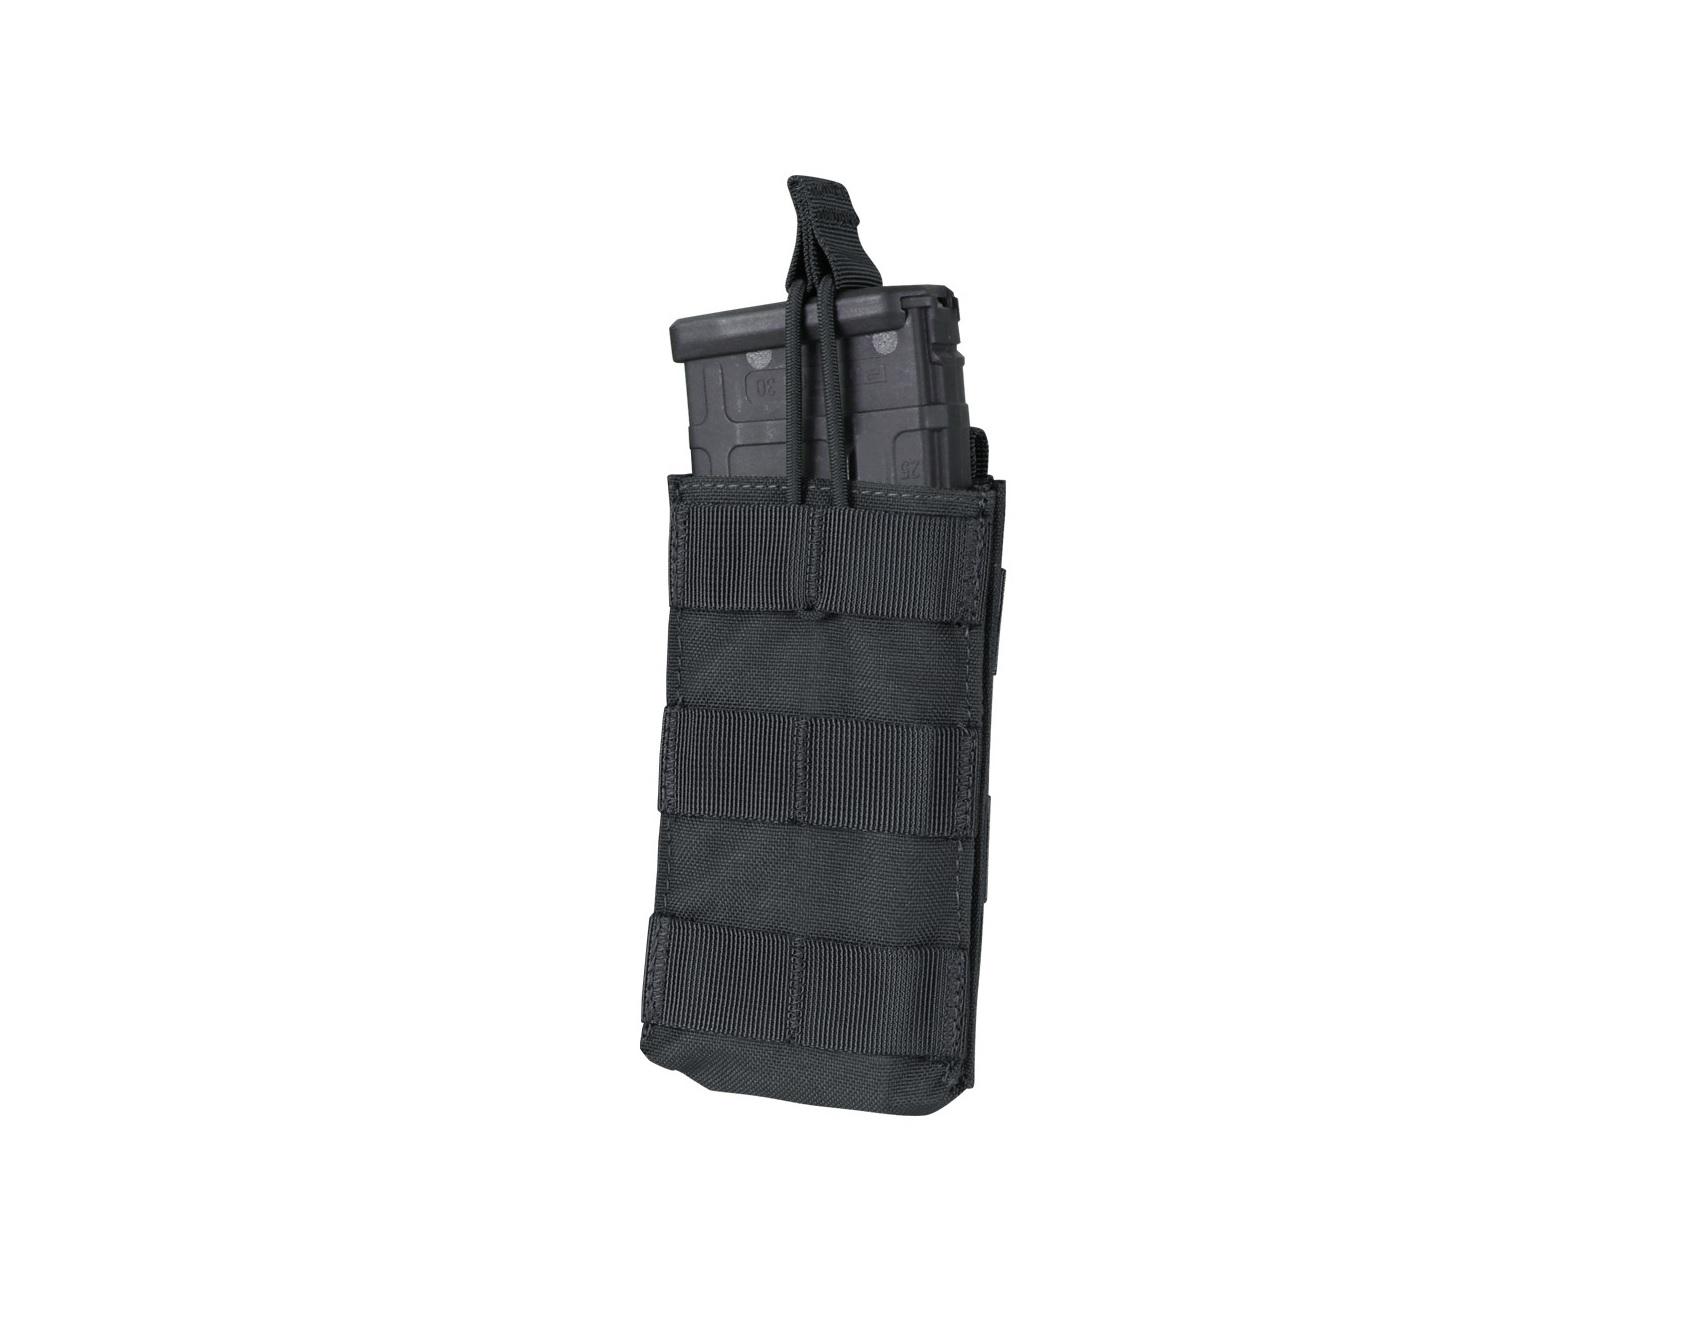 PORT INCARCATOR PENTRU M4 - BLACK